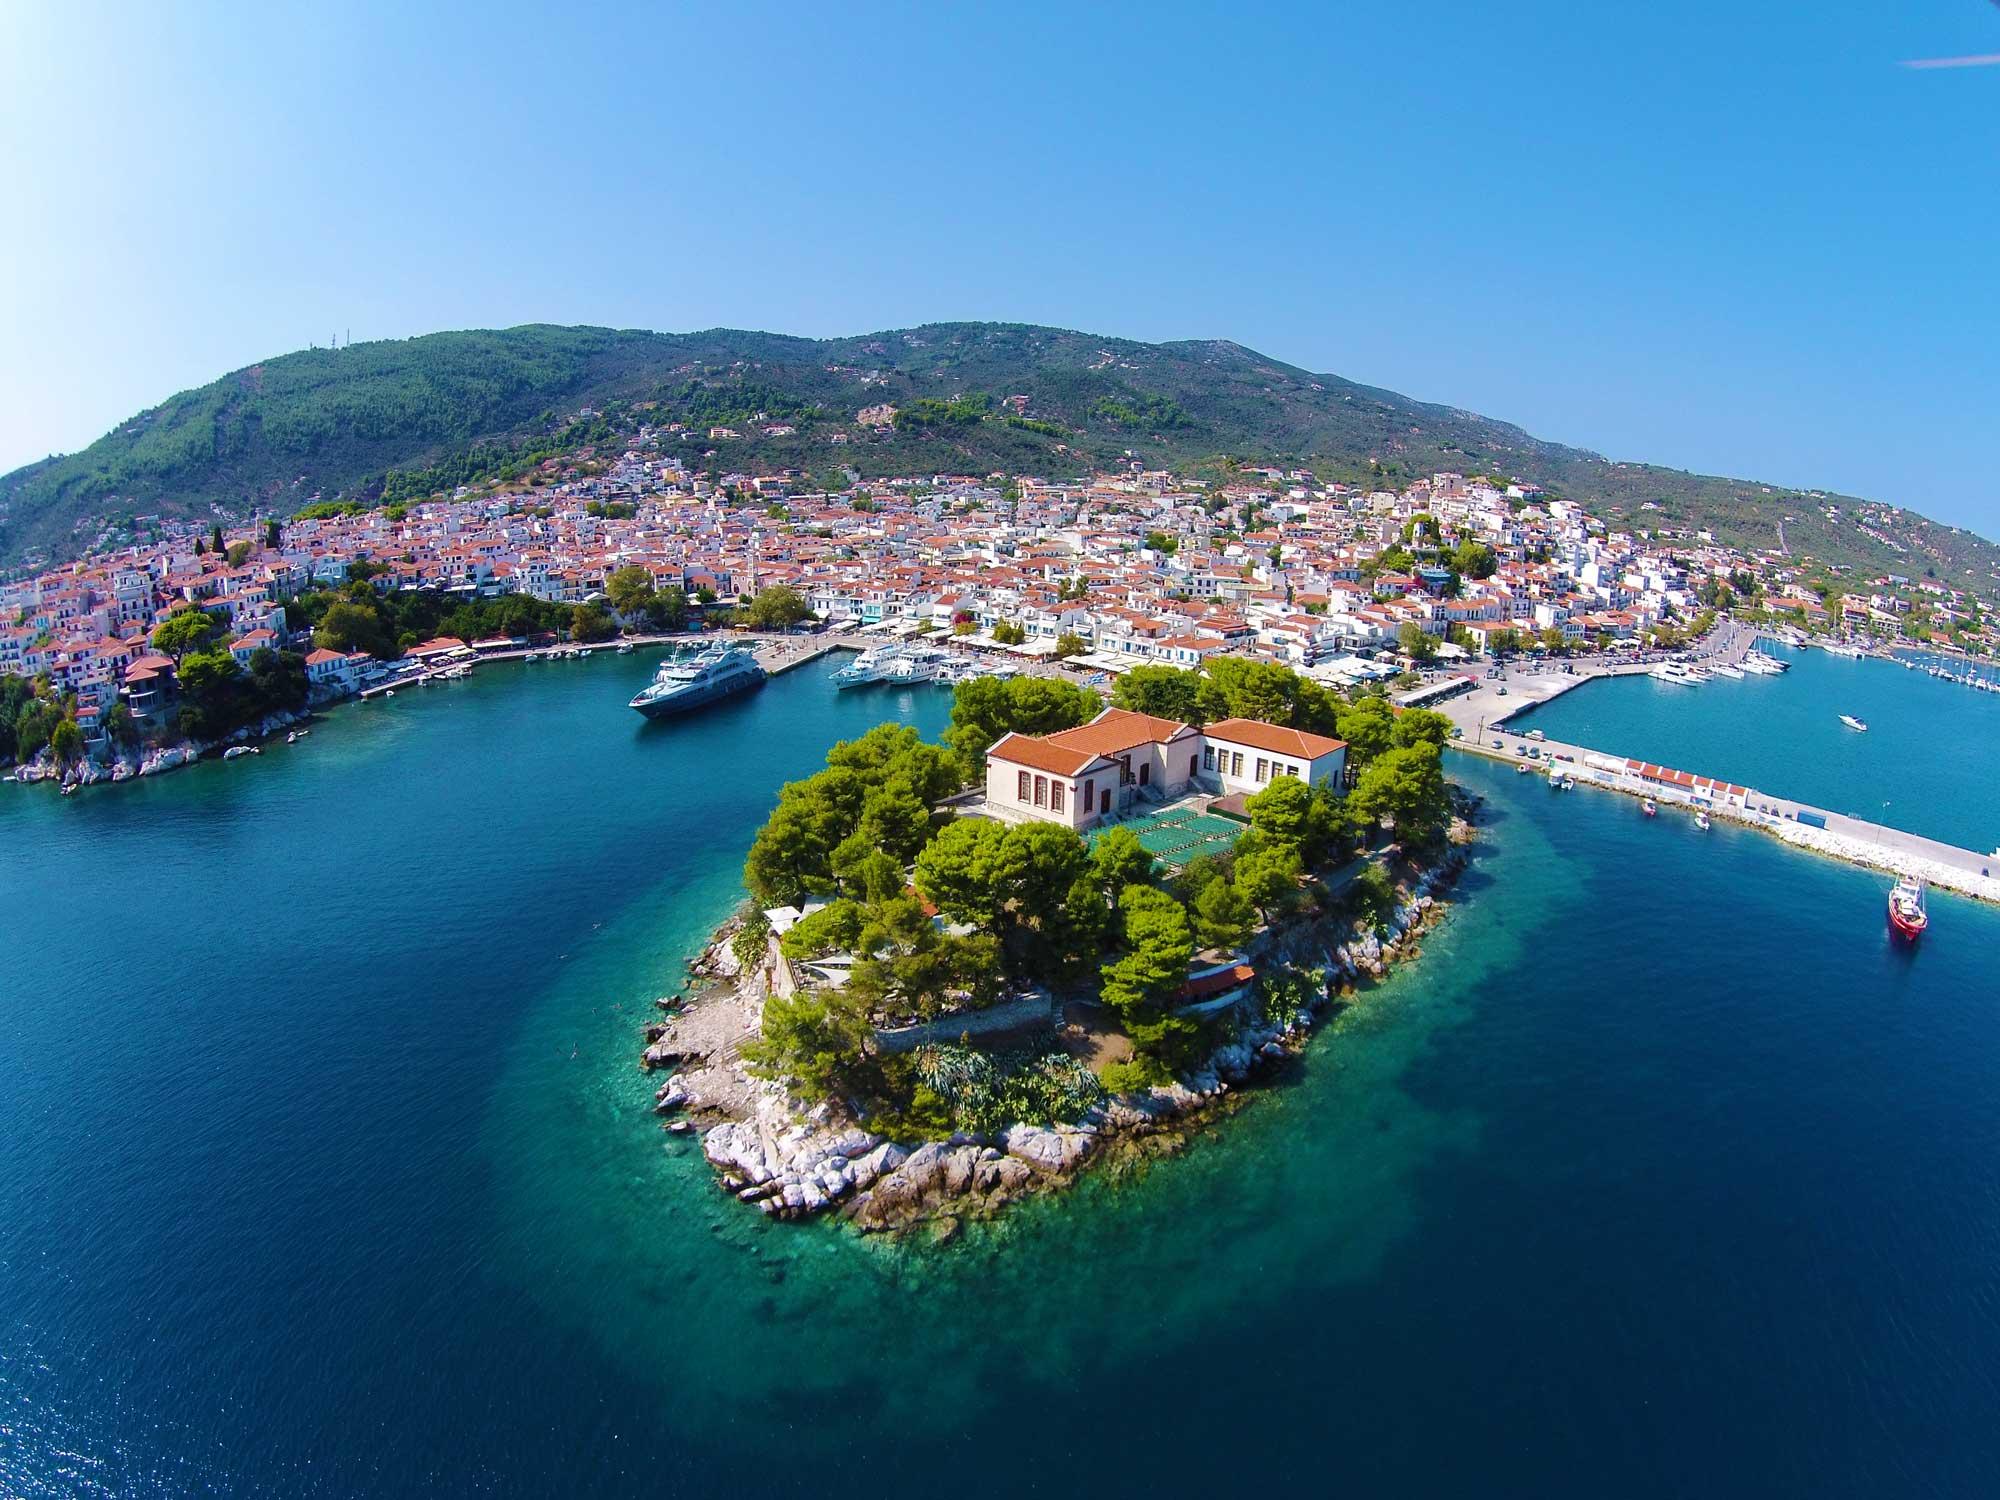 Εργα αναβάθμισης 3,5 εκατ. ευρώ στα λιμάνια Βόλου και Σκιάθου